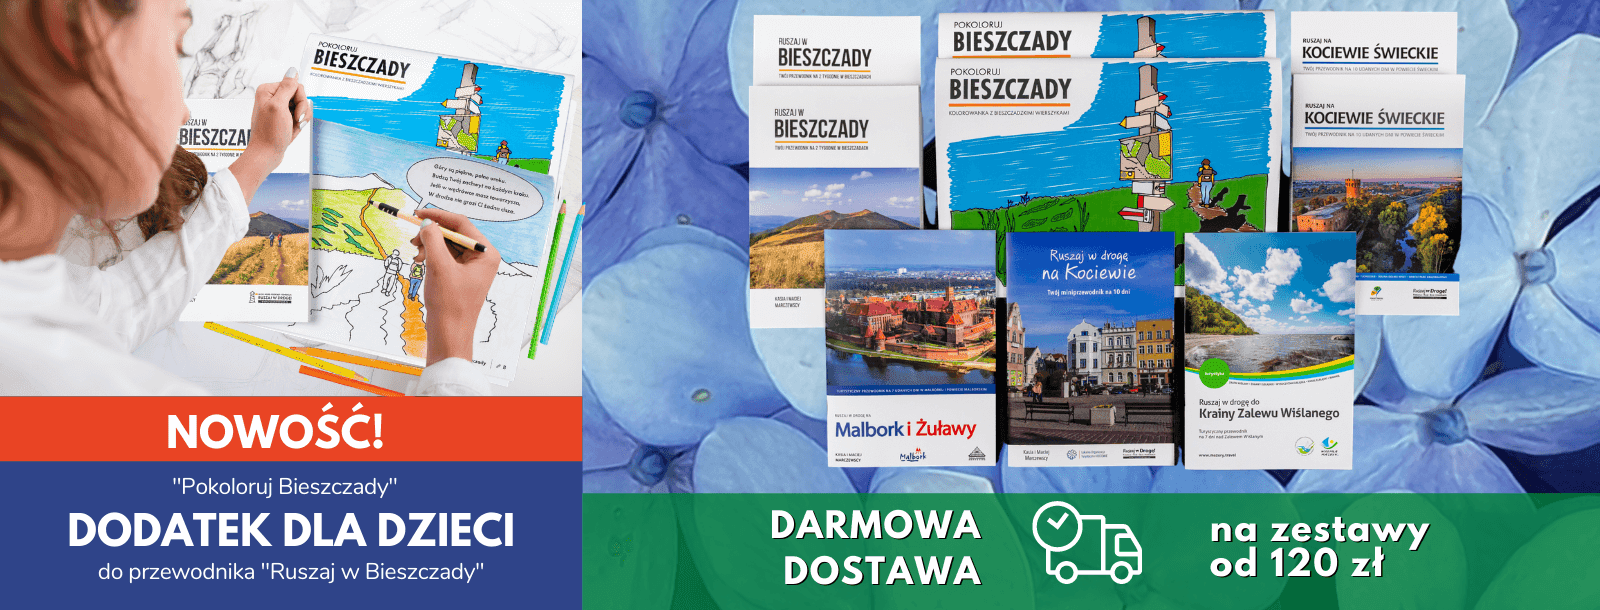 Zobacz zestawy przewodników po Polsce - idealne na prezent